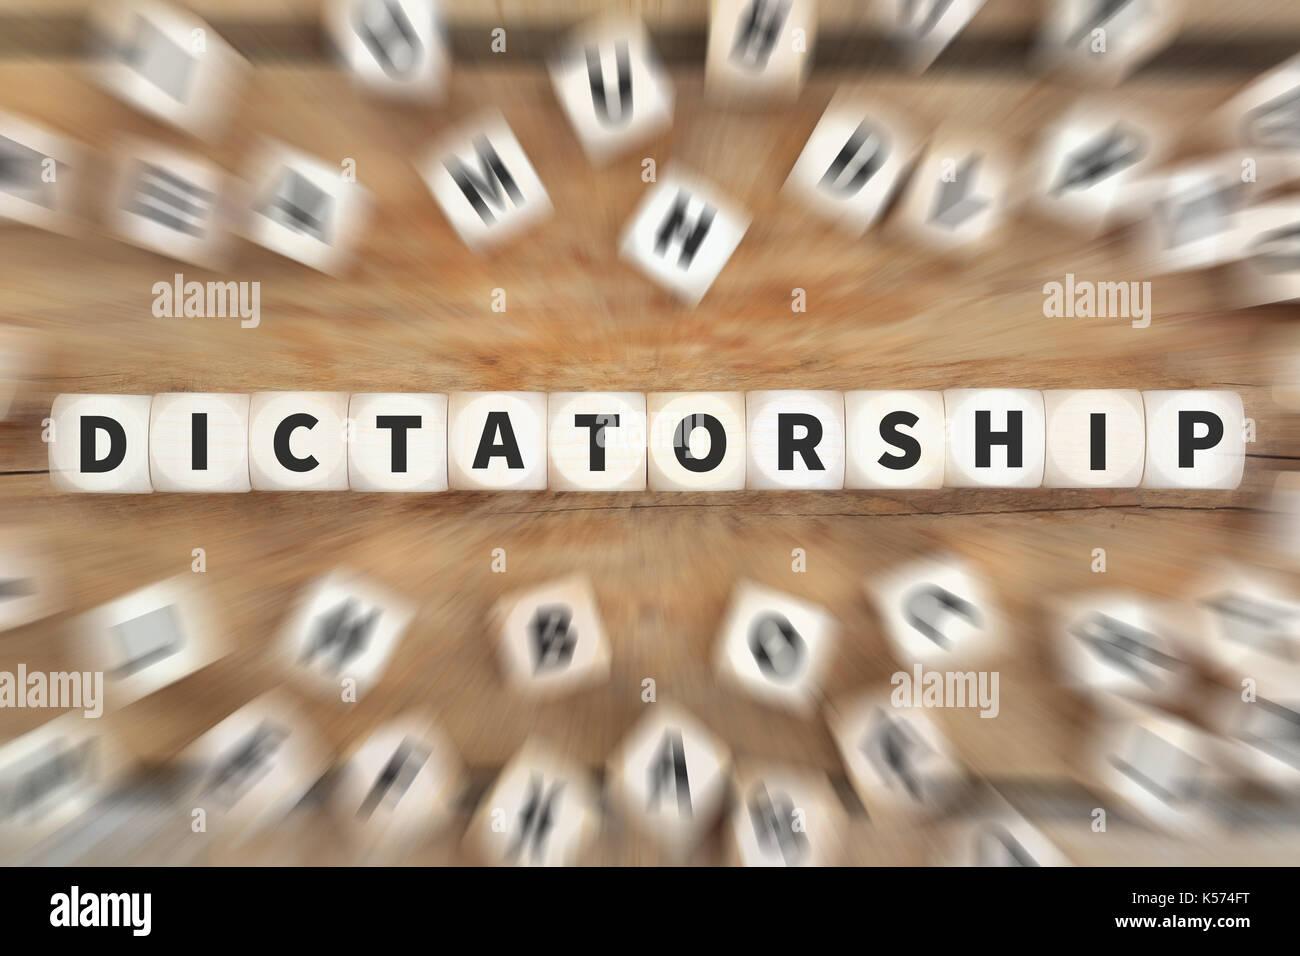 Dictatorship dictator communism socialism politics economy dice business concept idea - Stock Image